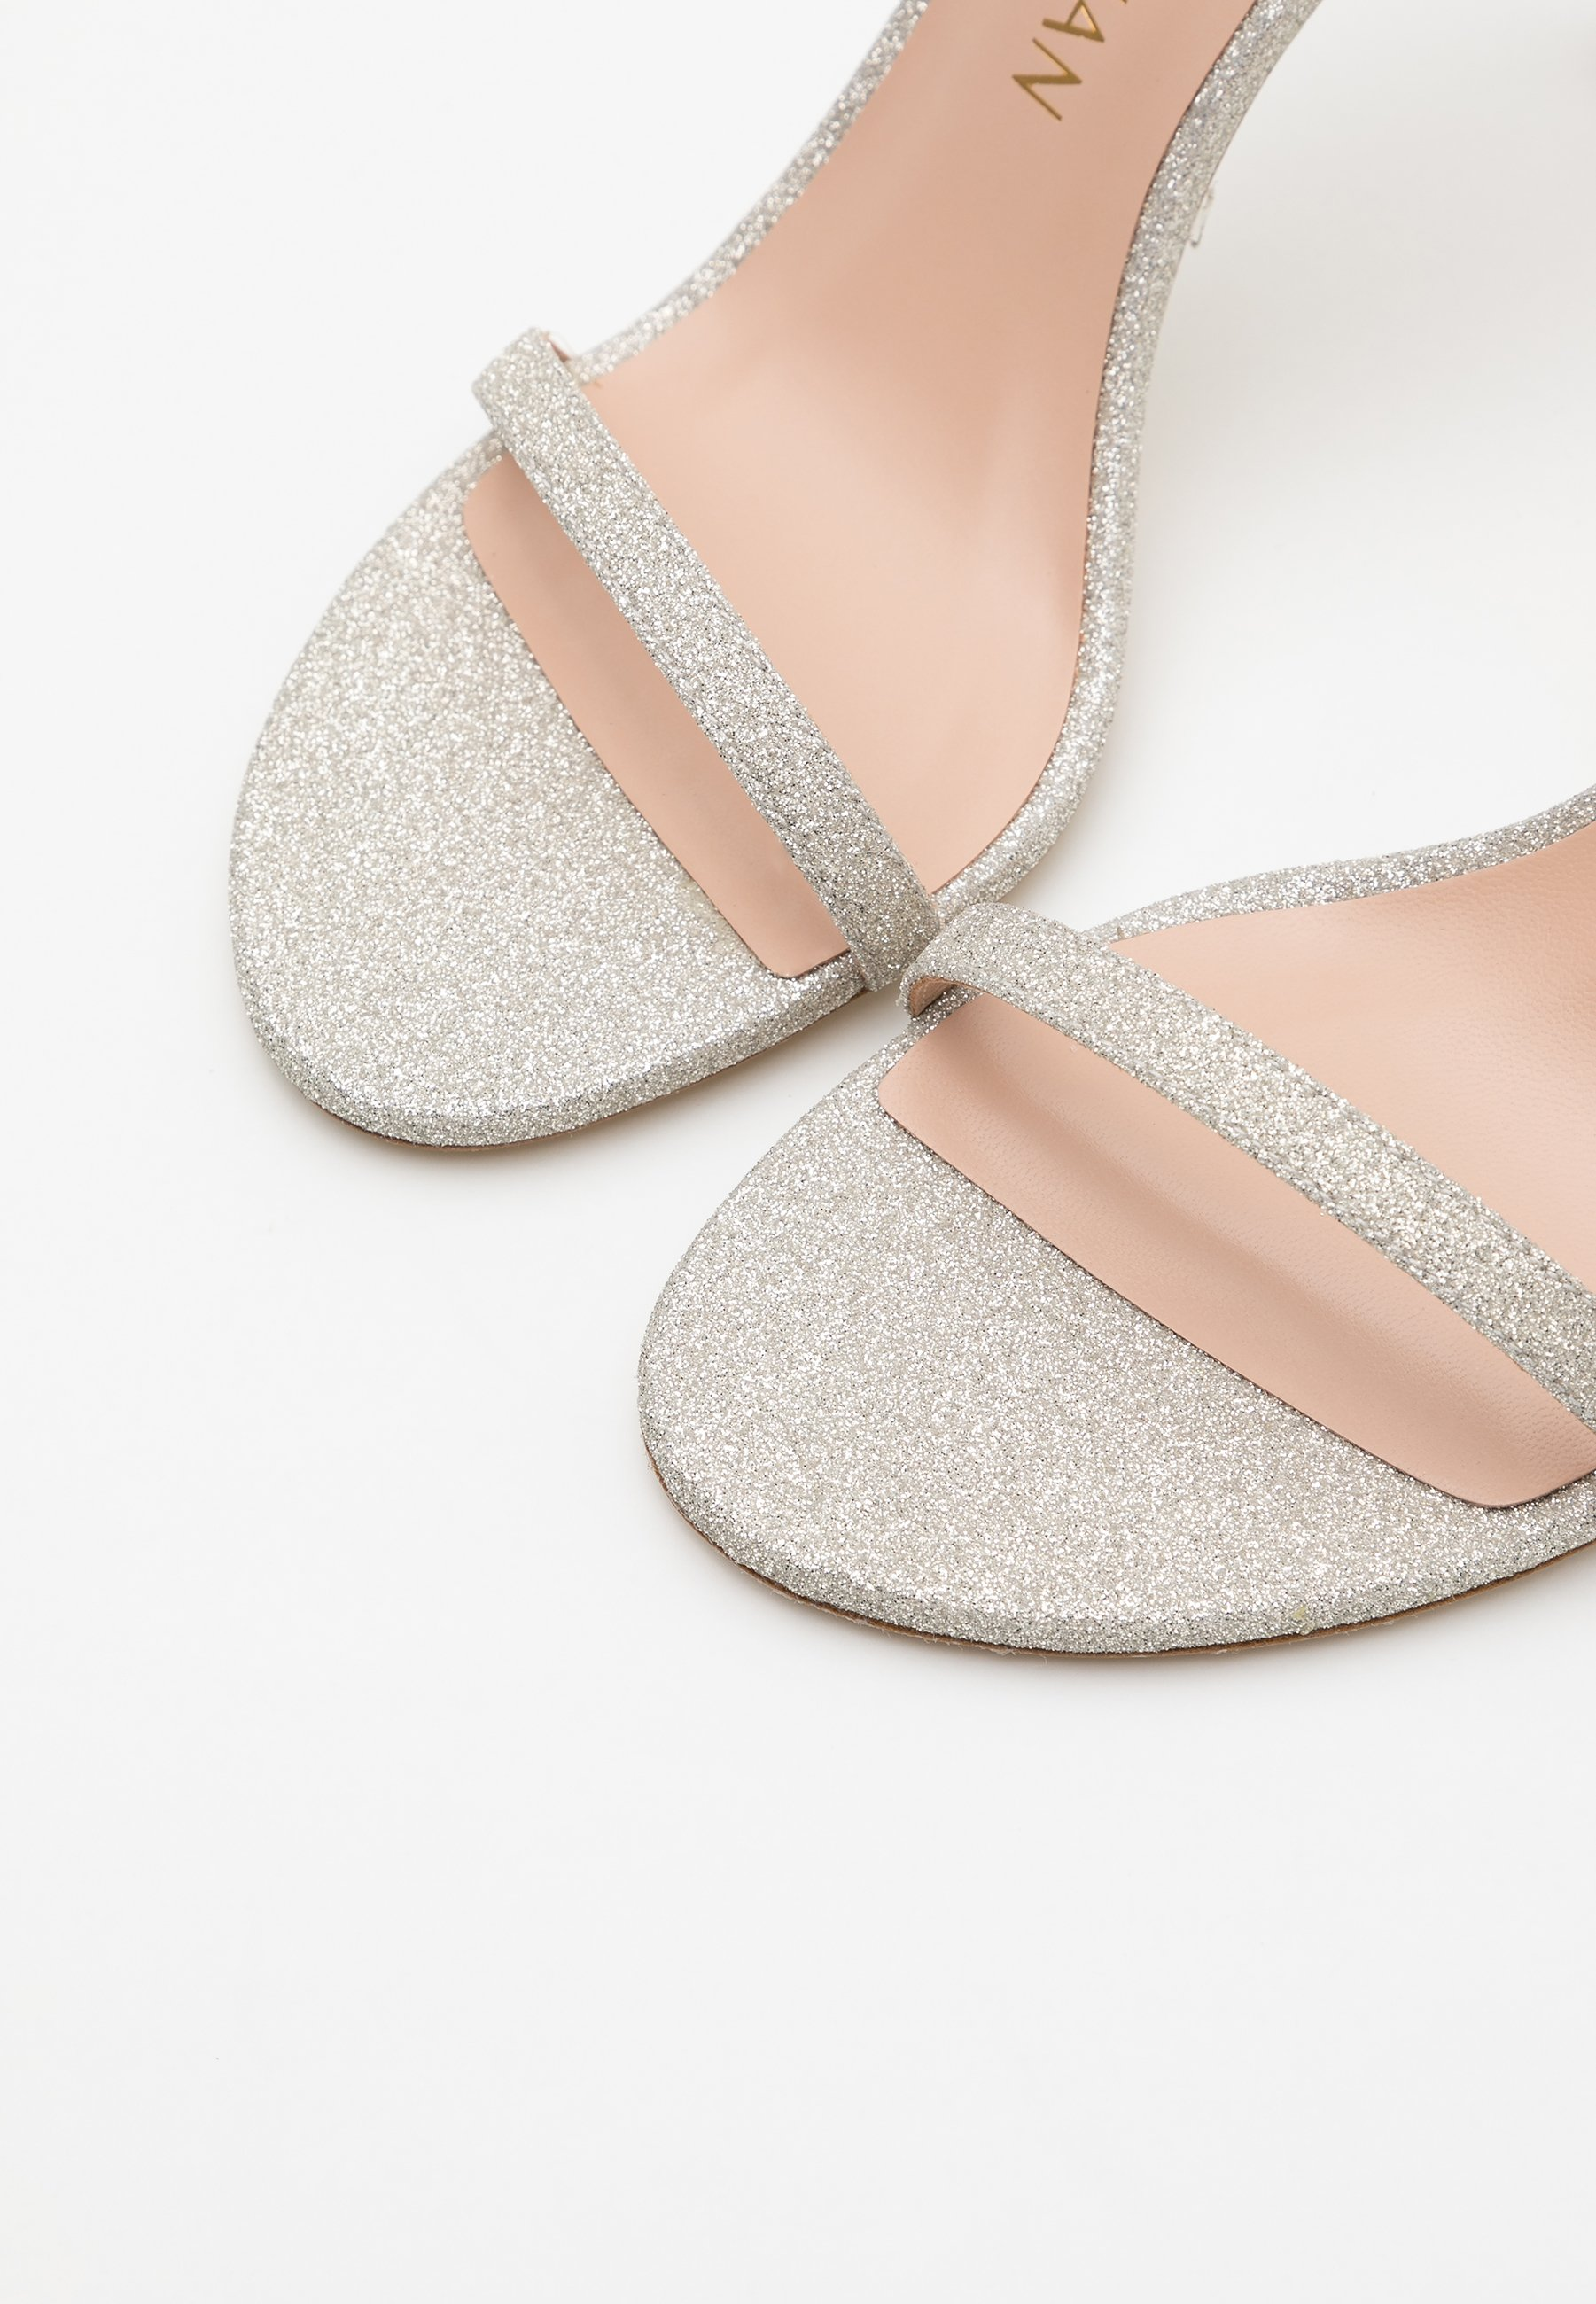 Stuart Weitzman Nudistsong - Højhælede Sandaletter / Sandaler Platino